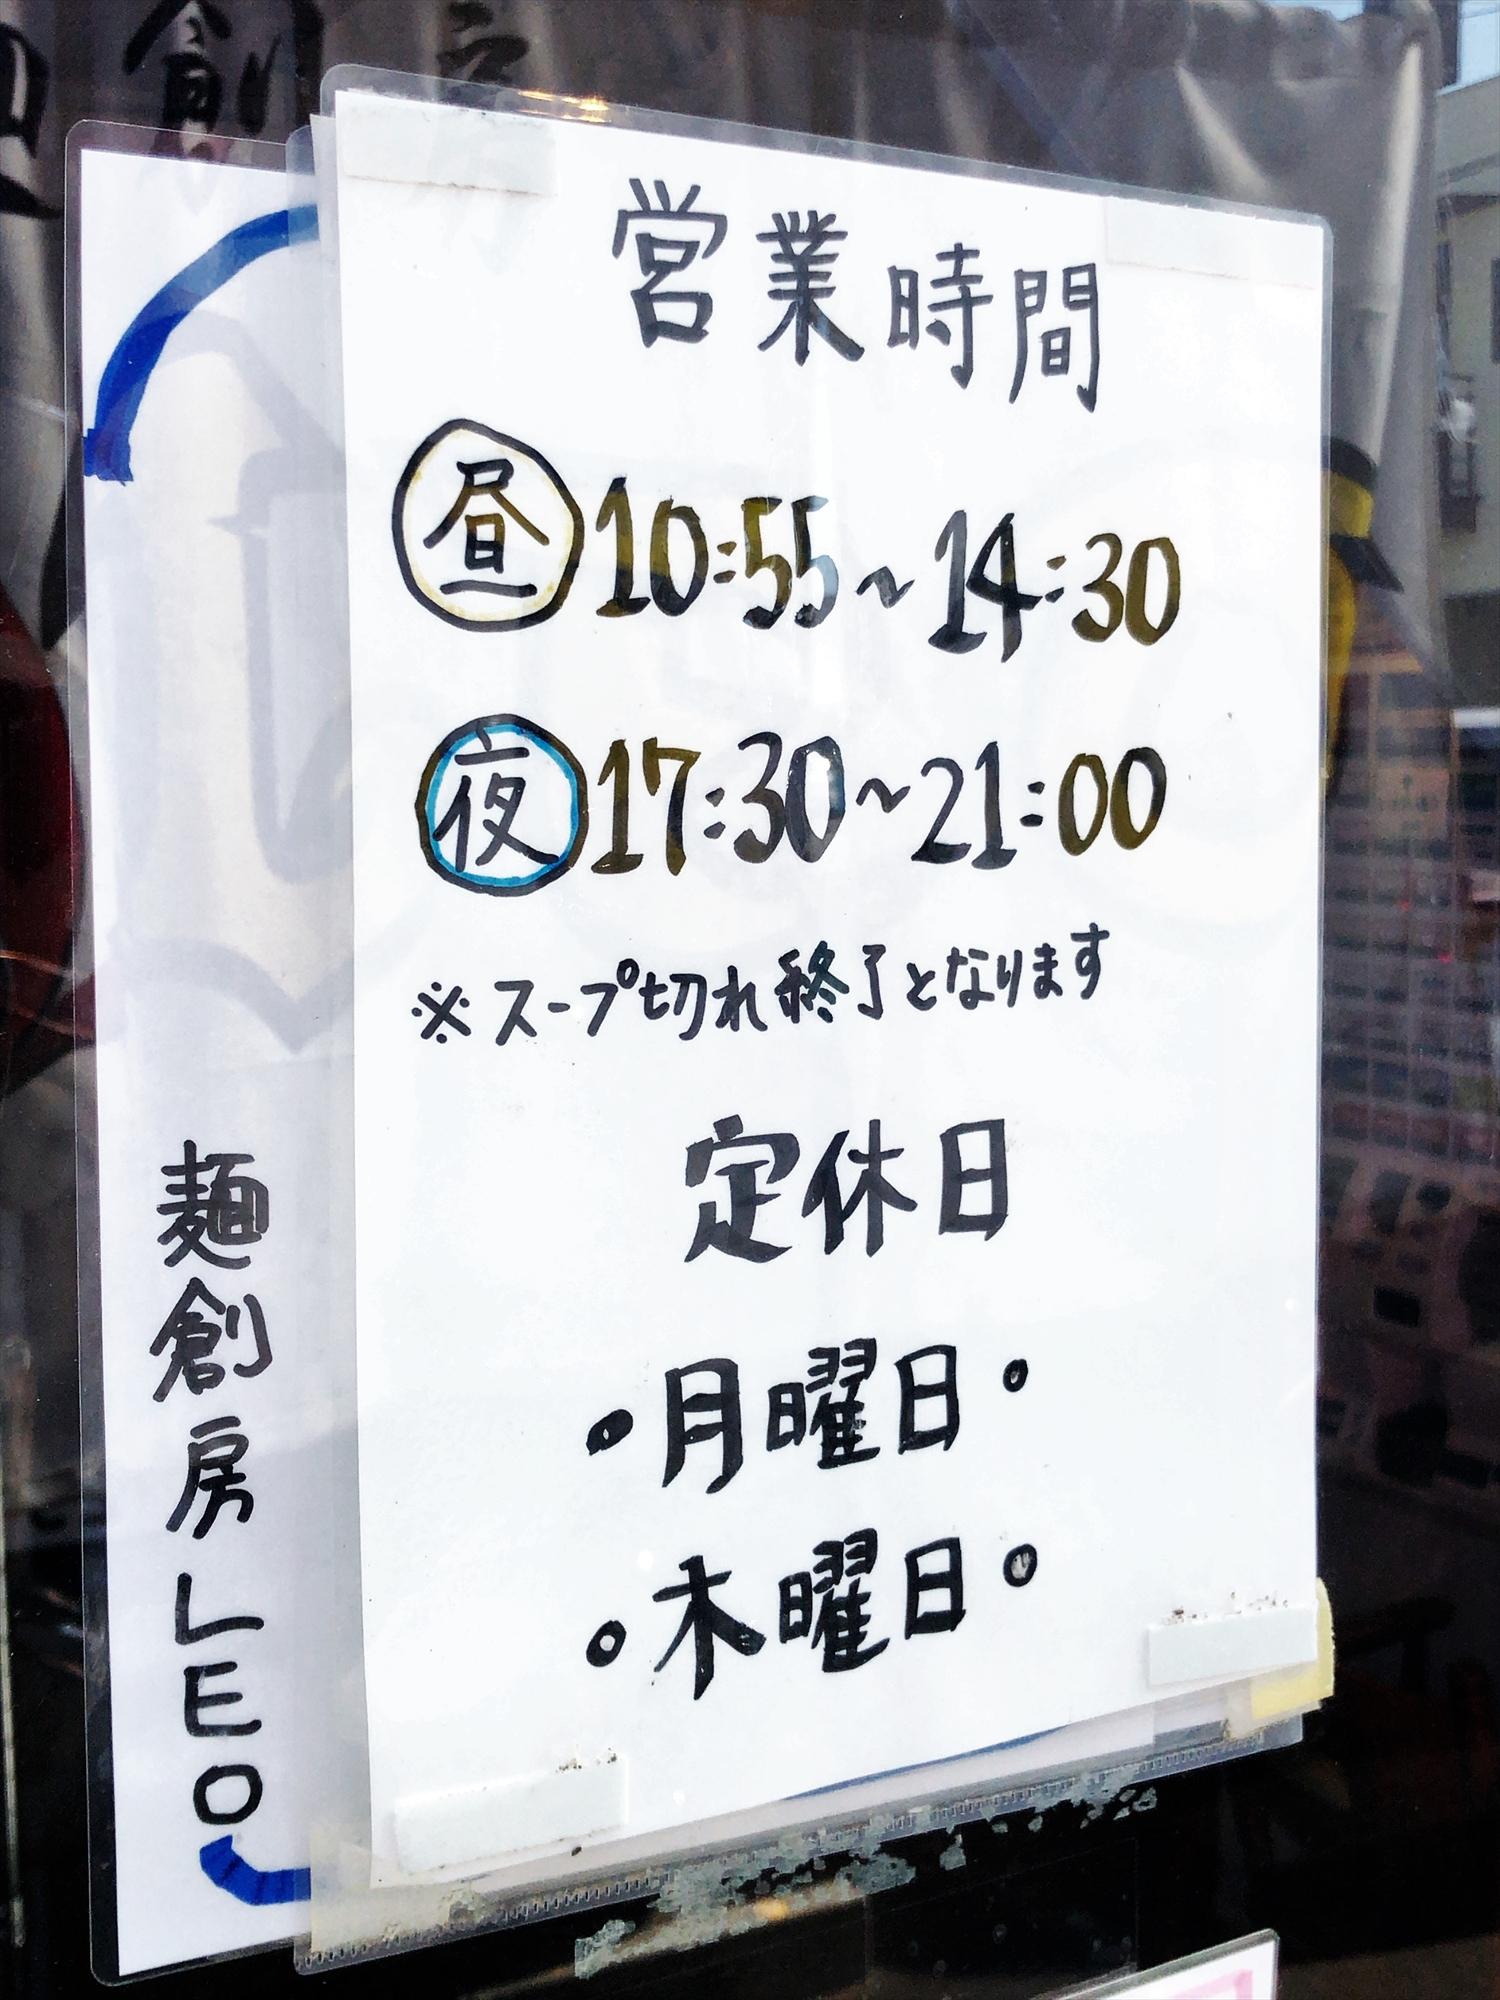 麺創房 LEOの営業時間